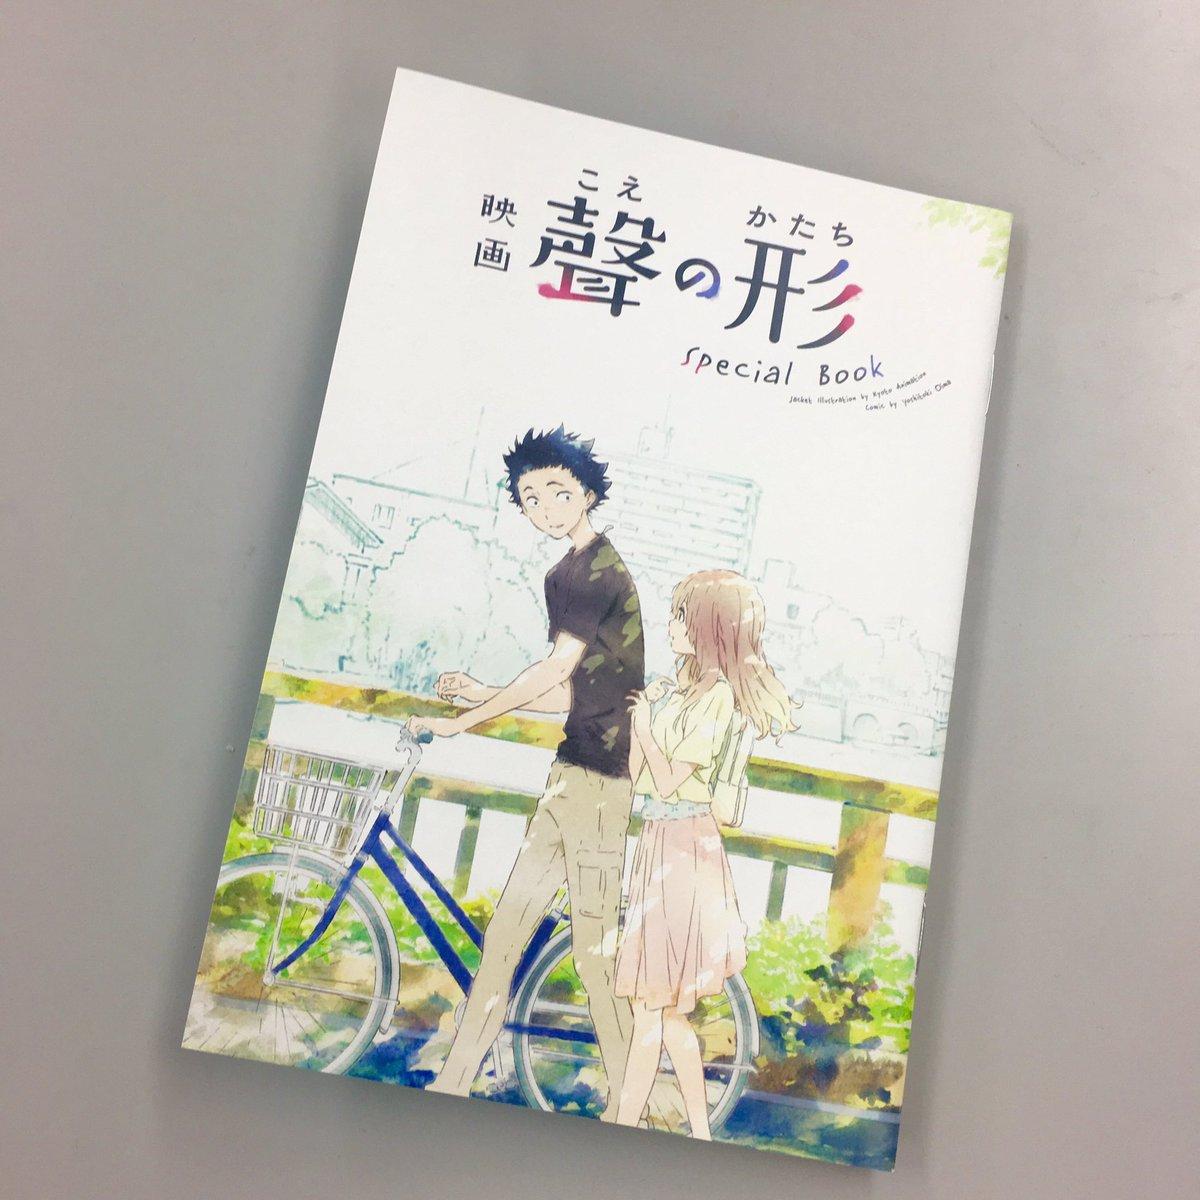 【入場者プレゼント】入場者プレゼントの映画「聲の形」 Special bookが到着★西屋さんの描き下ろしビジュアルと大